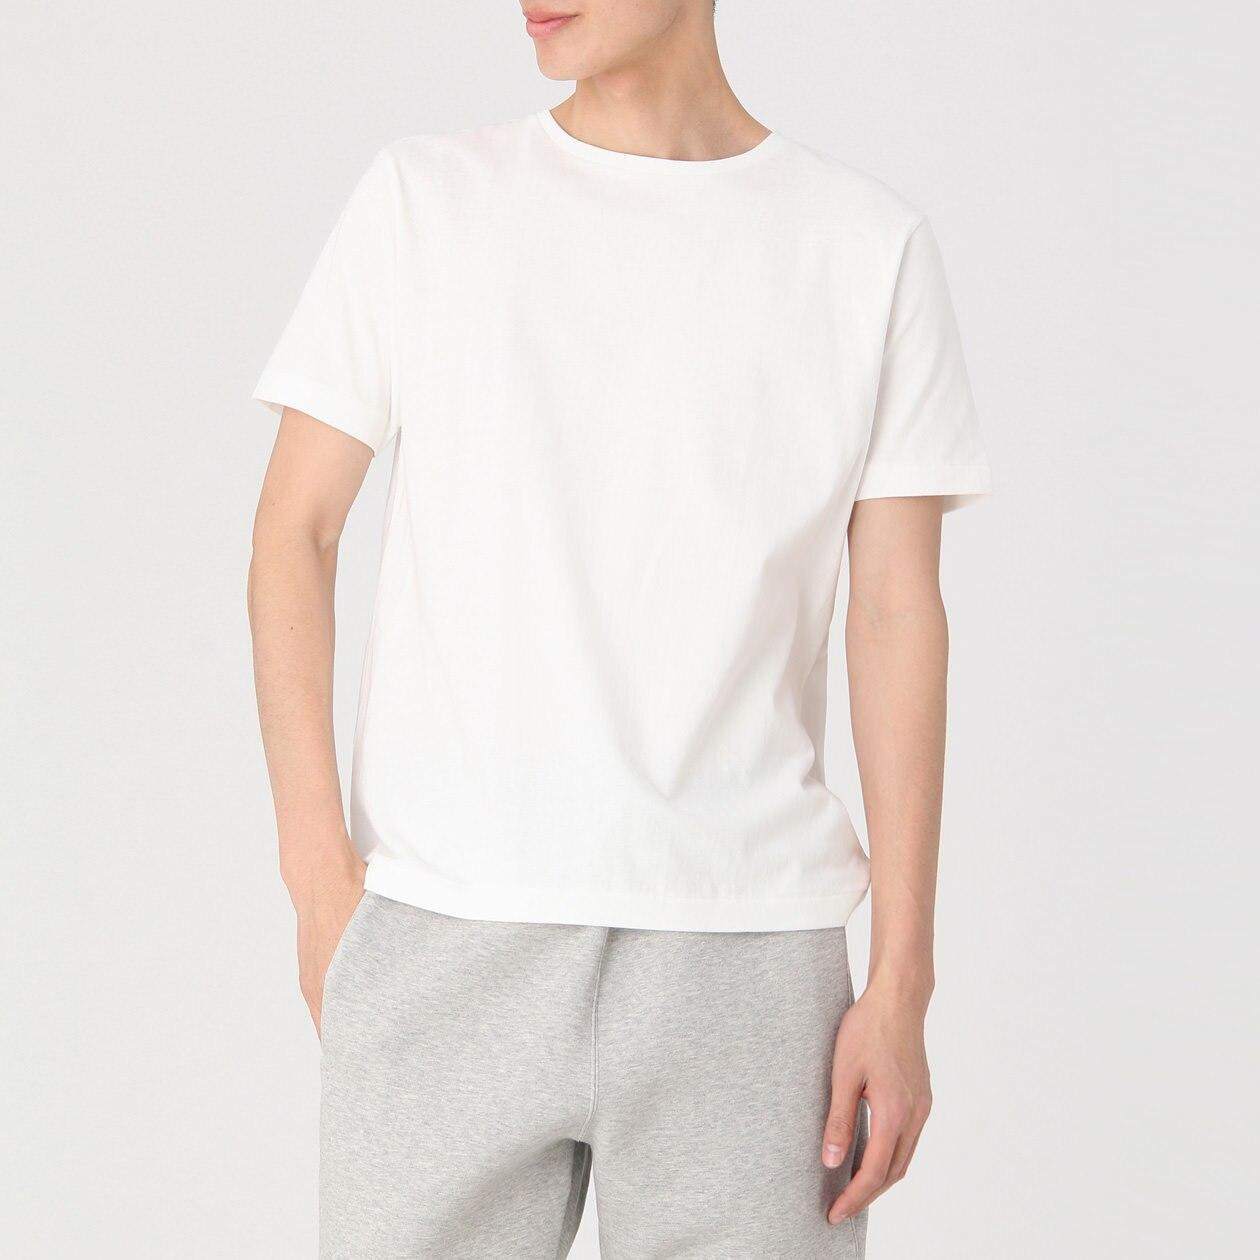 綿クルーネック半袖Tシャツ・ヘビーウェイト・2枚組 紳士XS・オフ白